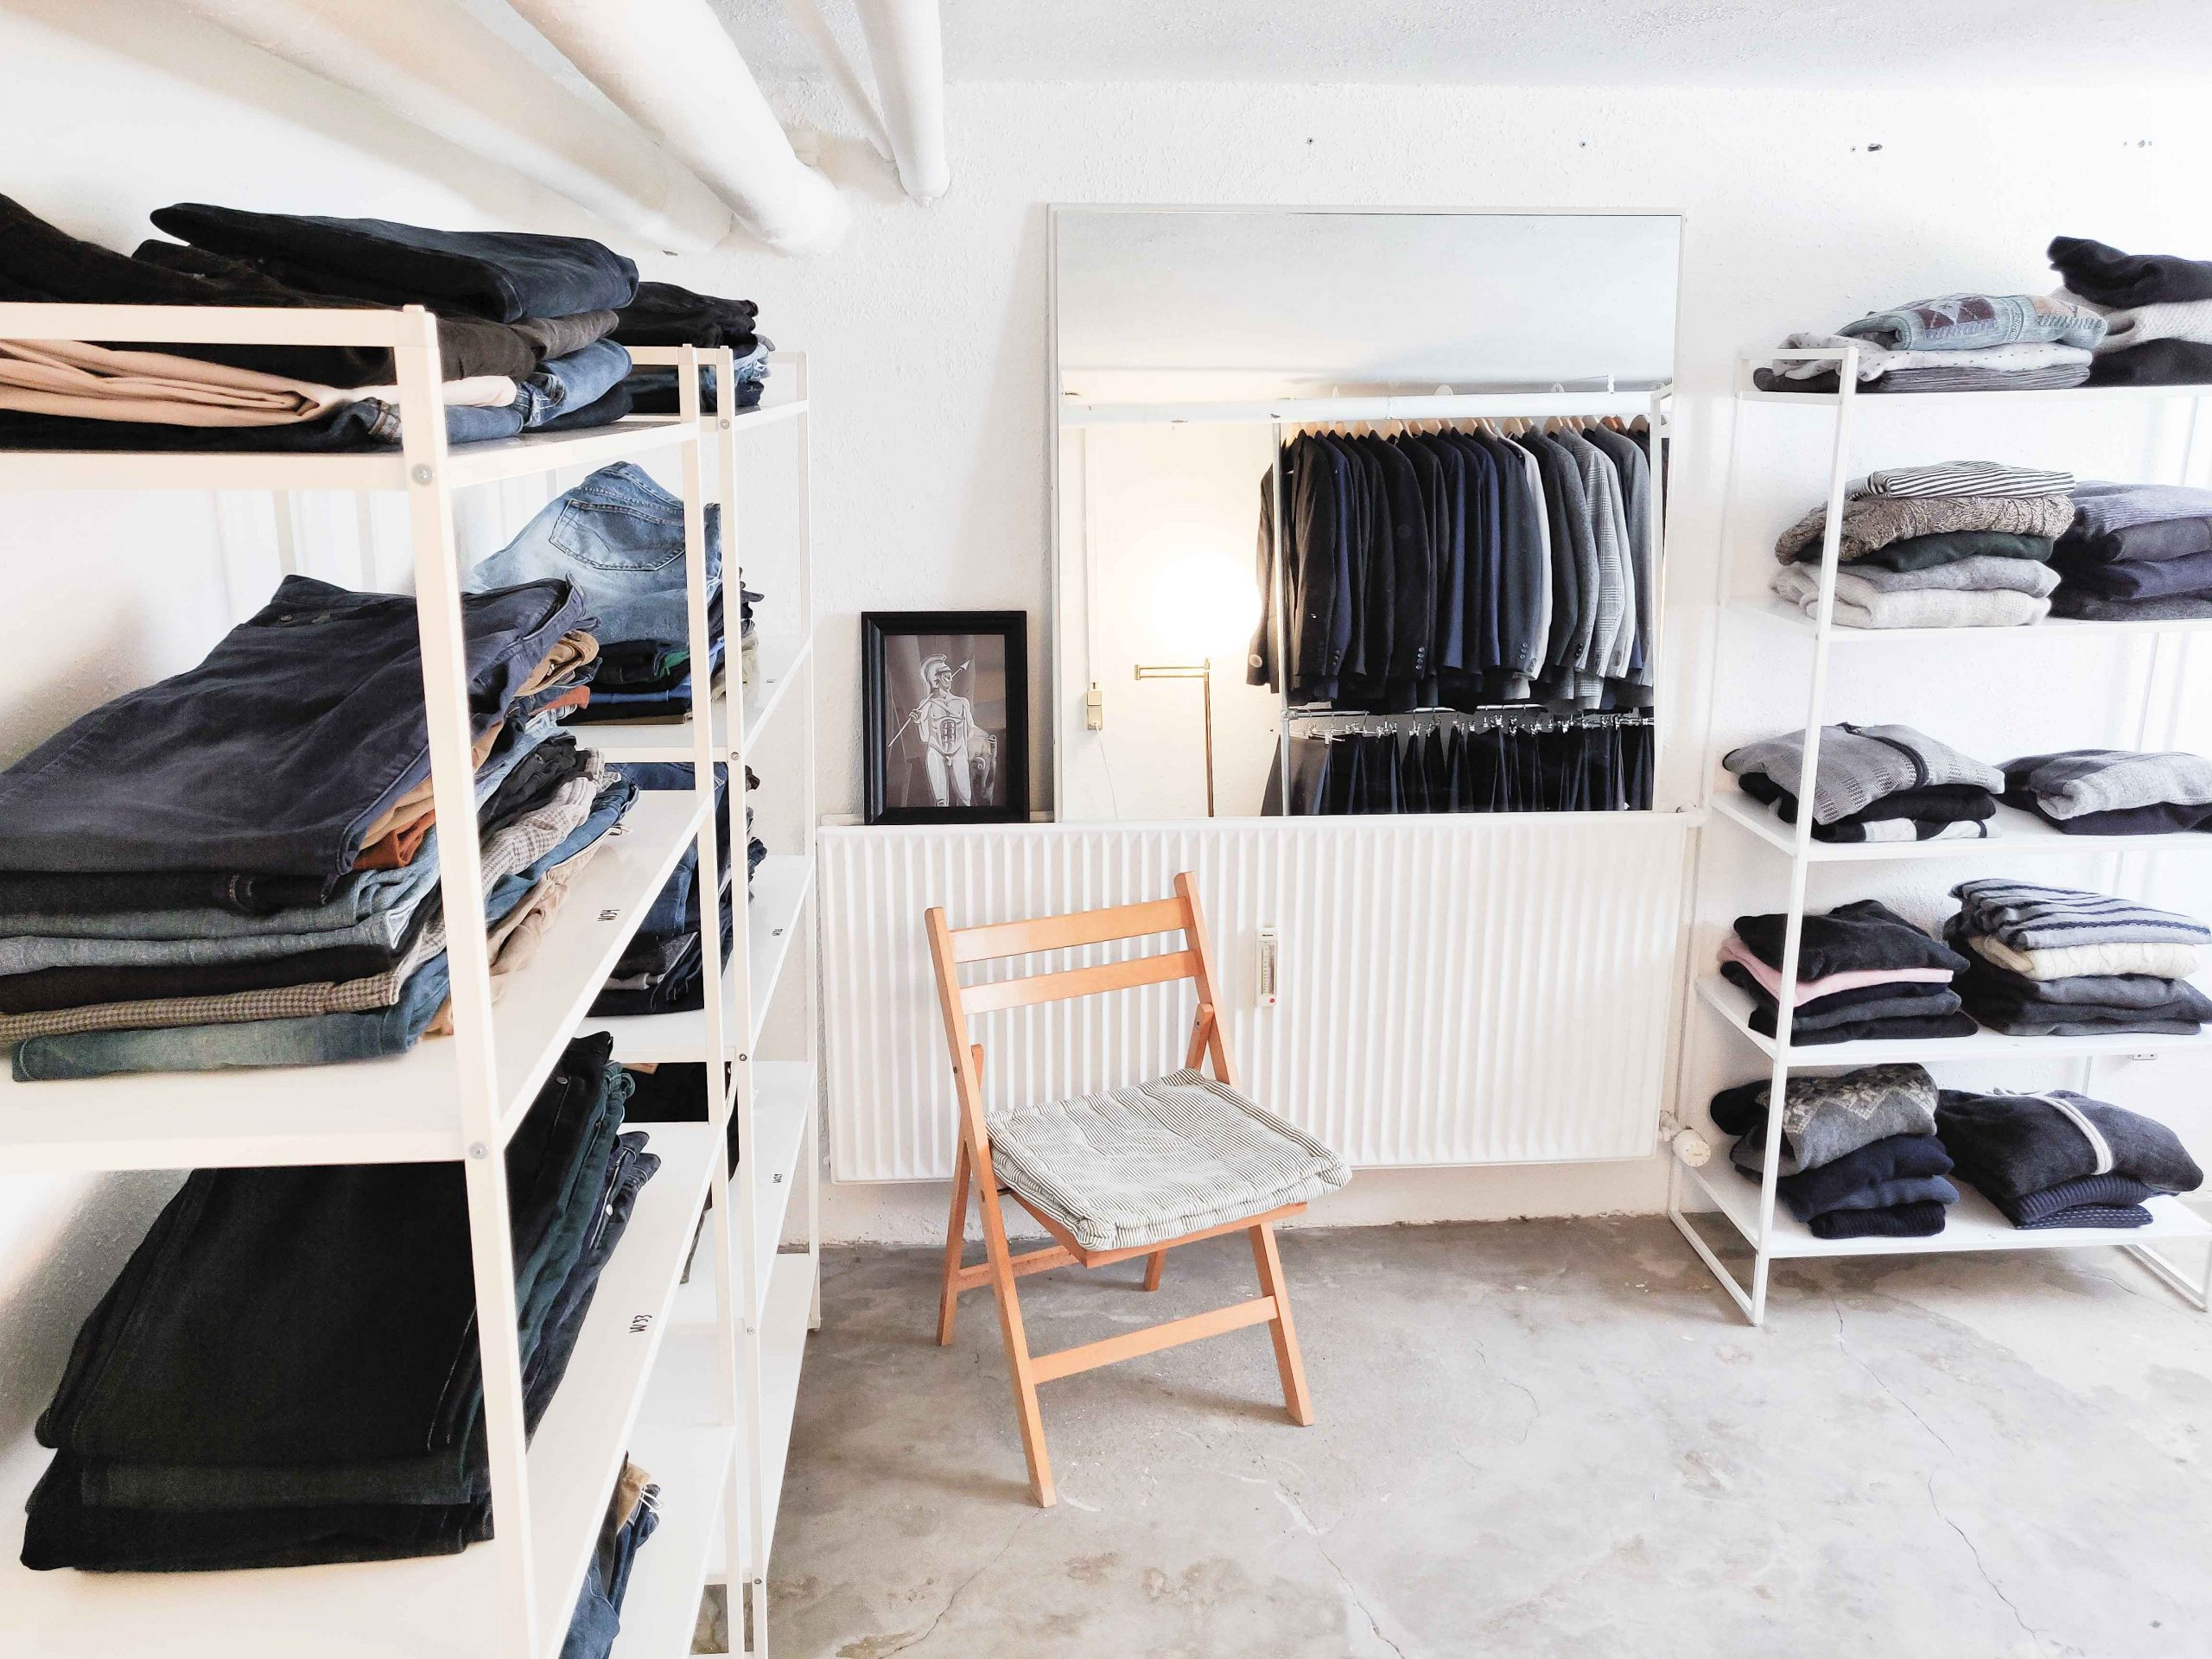 Mildt genbrugsshop: Har åbnet fysisk butik med genbrugstøj til mænd